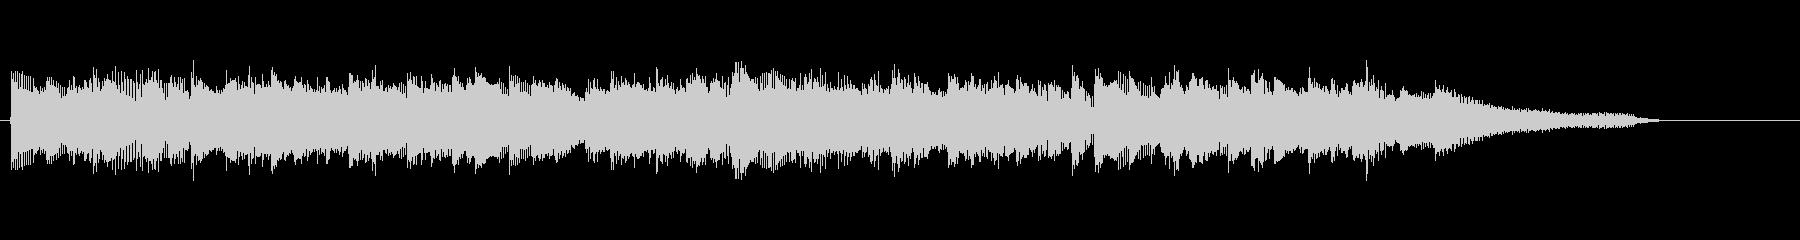 CMや映像/感動的で暖かいピアノソロ32の未再生の波形